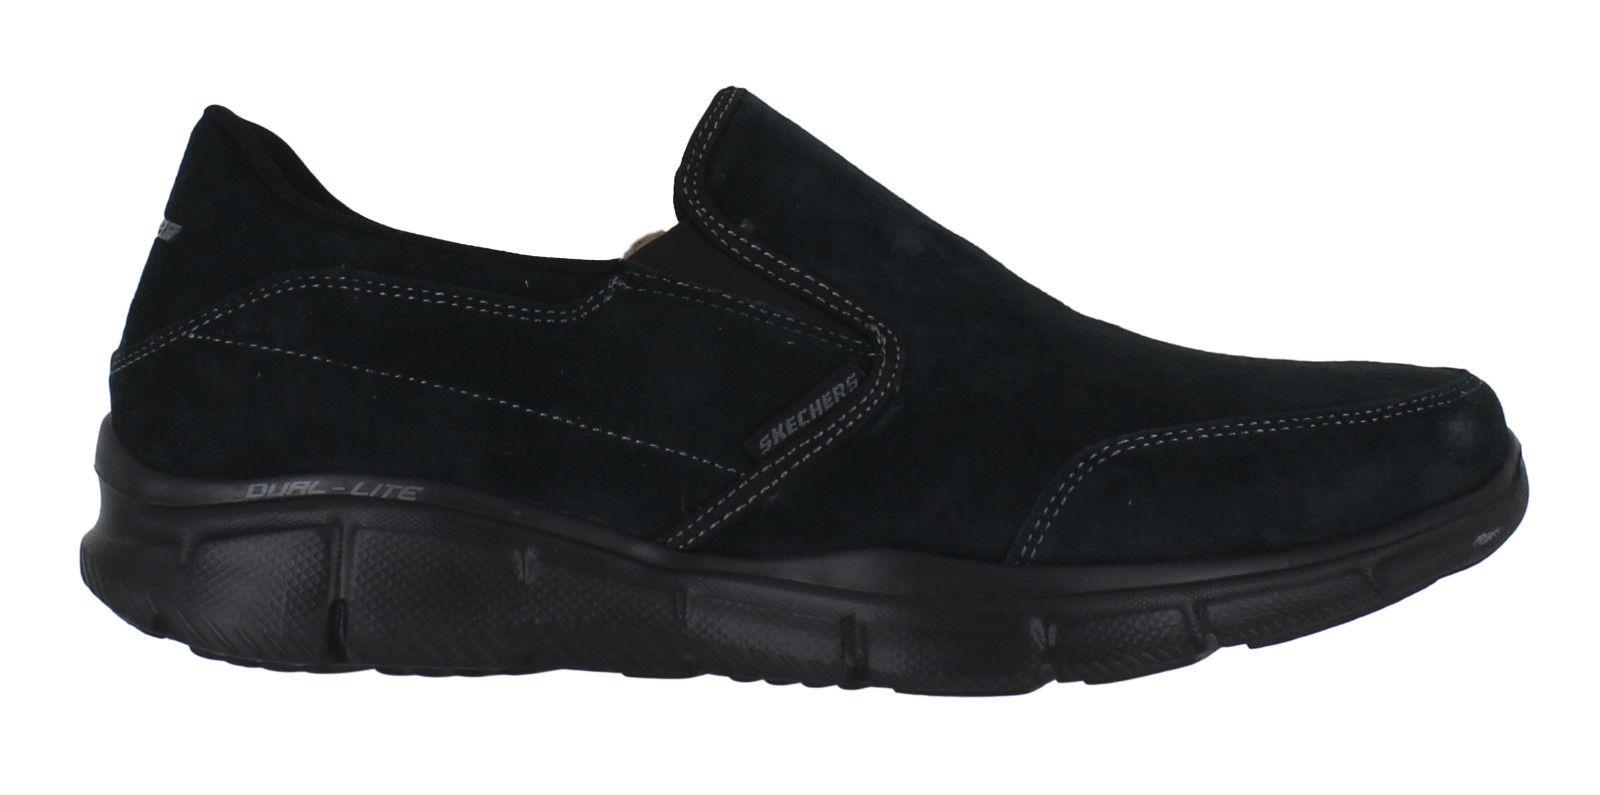 Skechers Equalizer Mind Game Shoes Mens